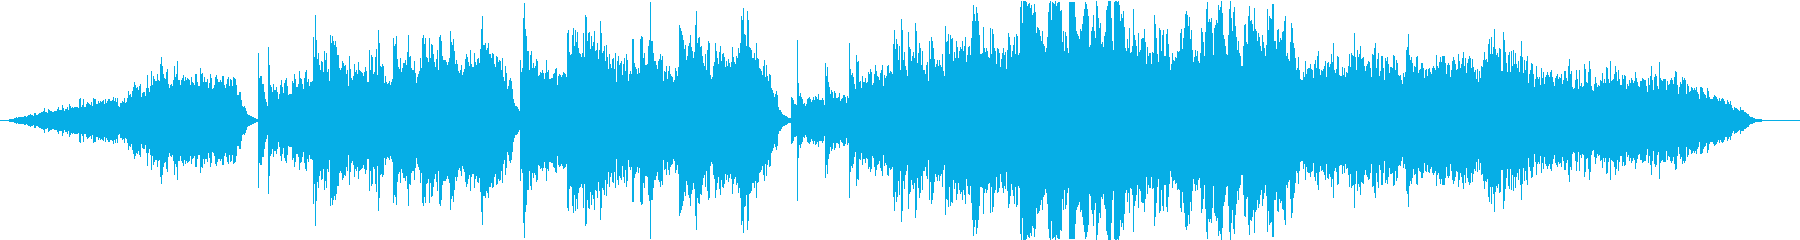 感動、回想、優しい場面のBGMの再生済みの波形